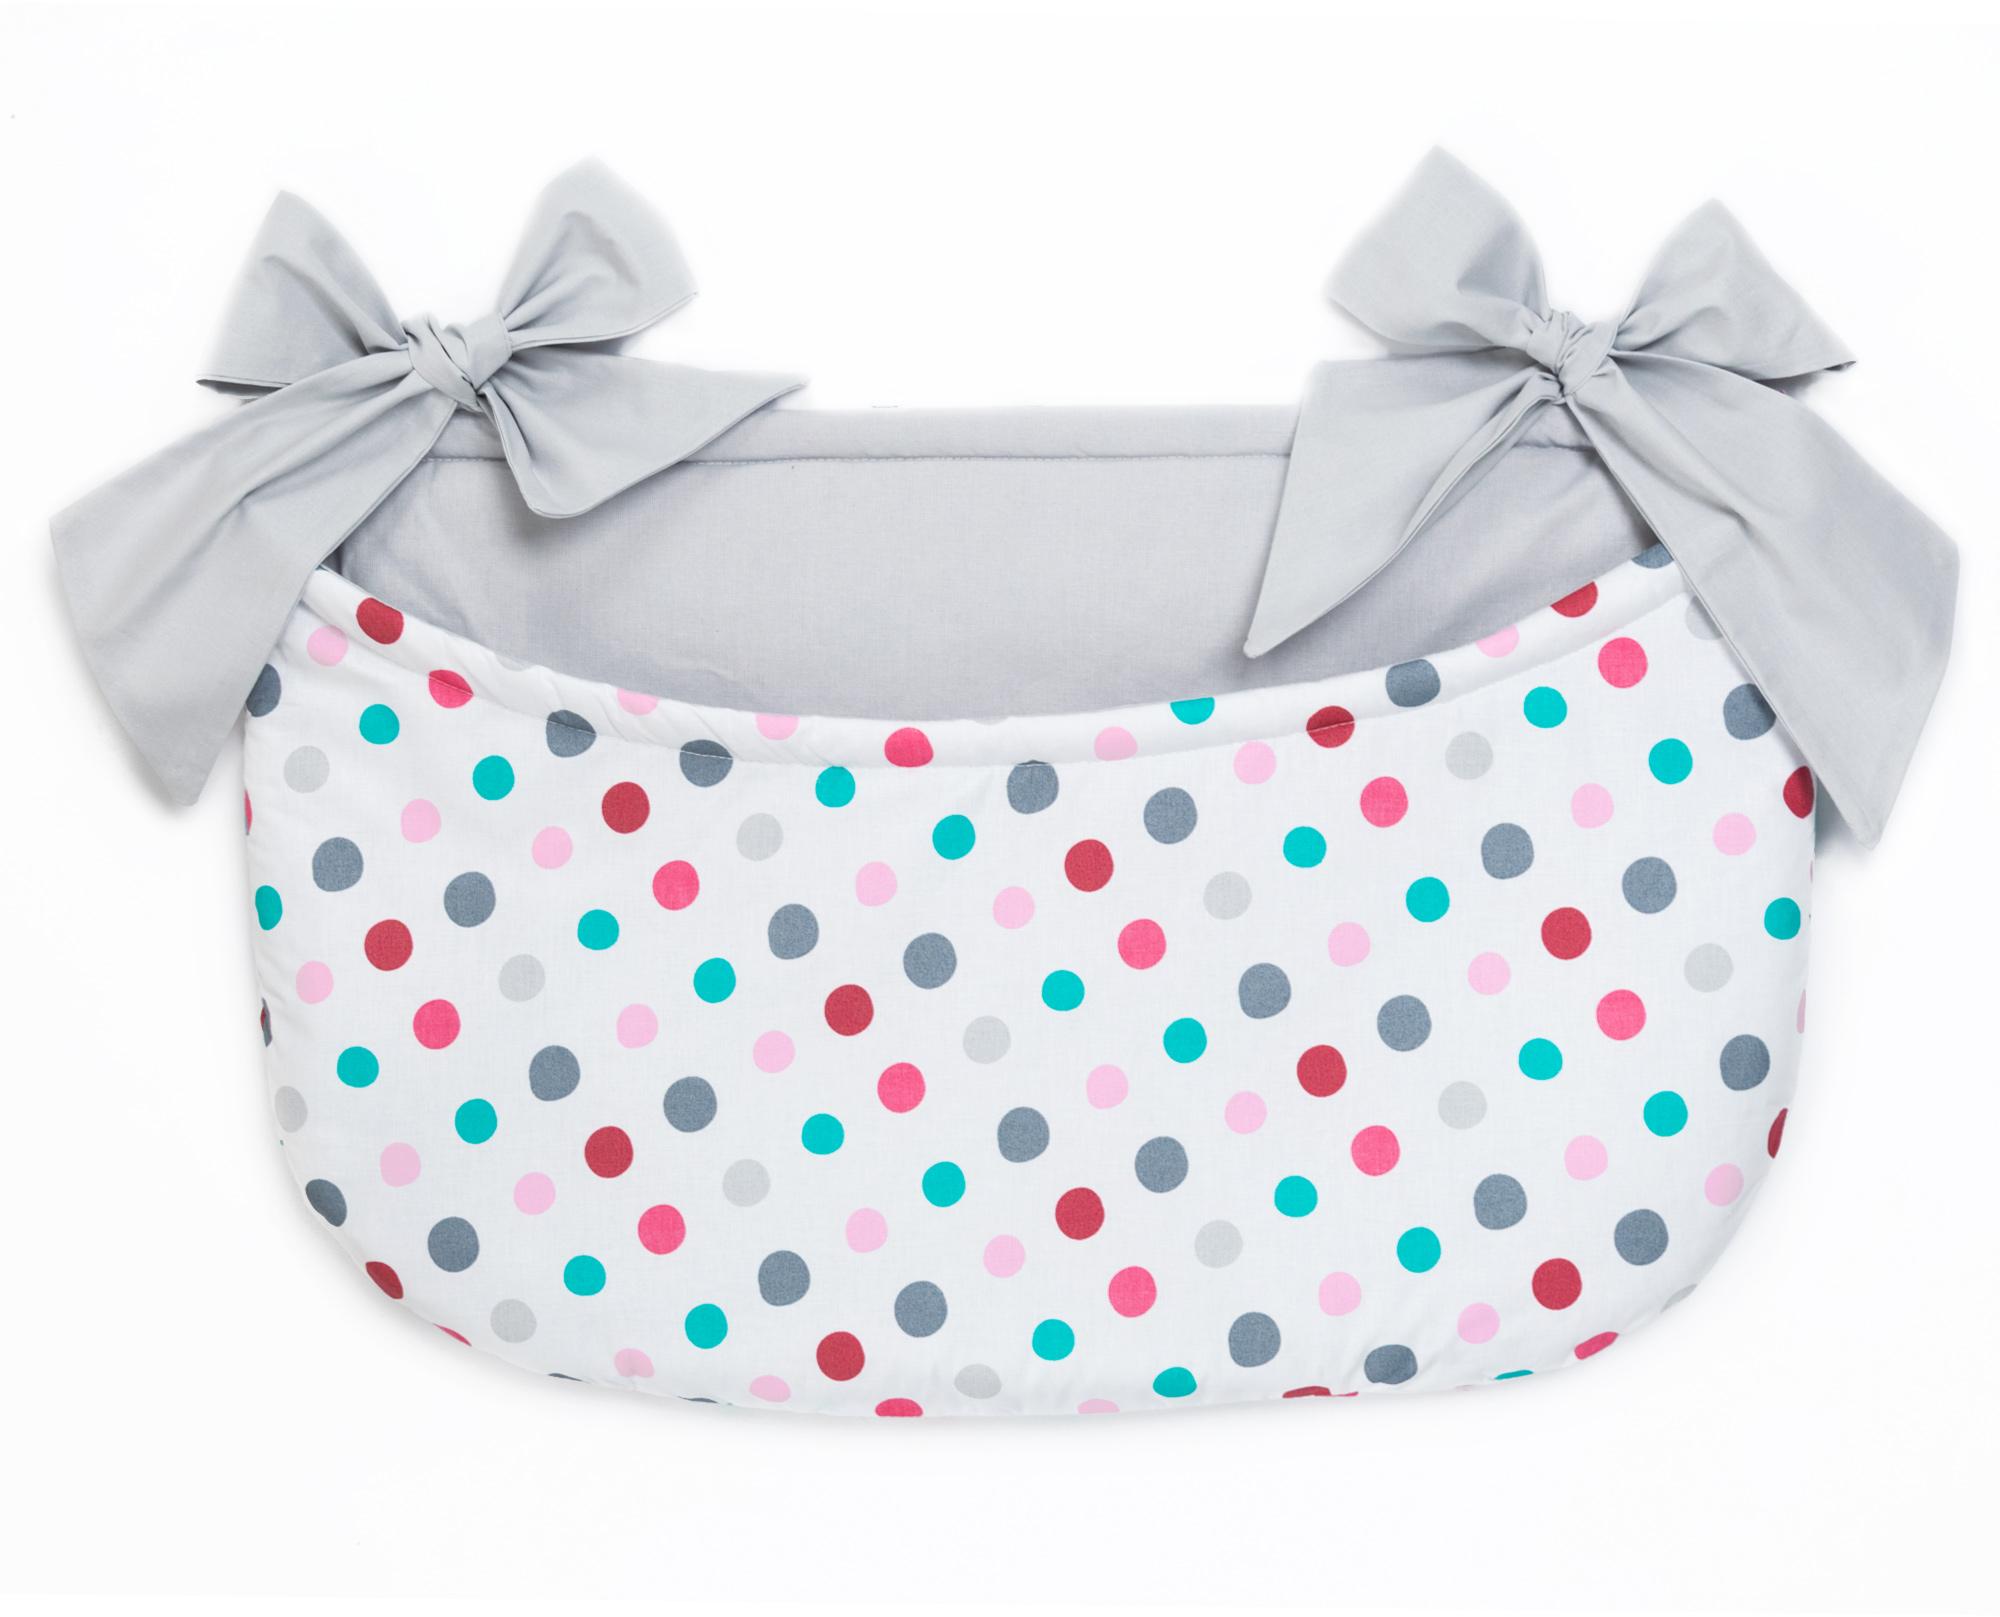 Betttasche Spielzeugtasche Design67